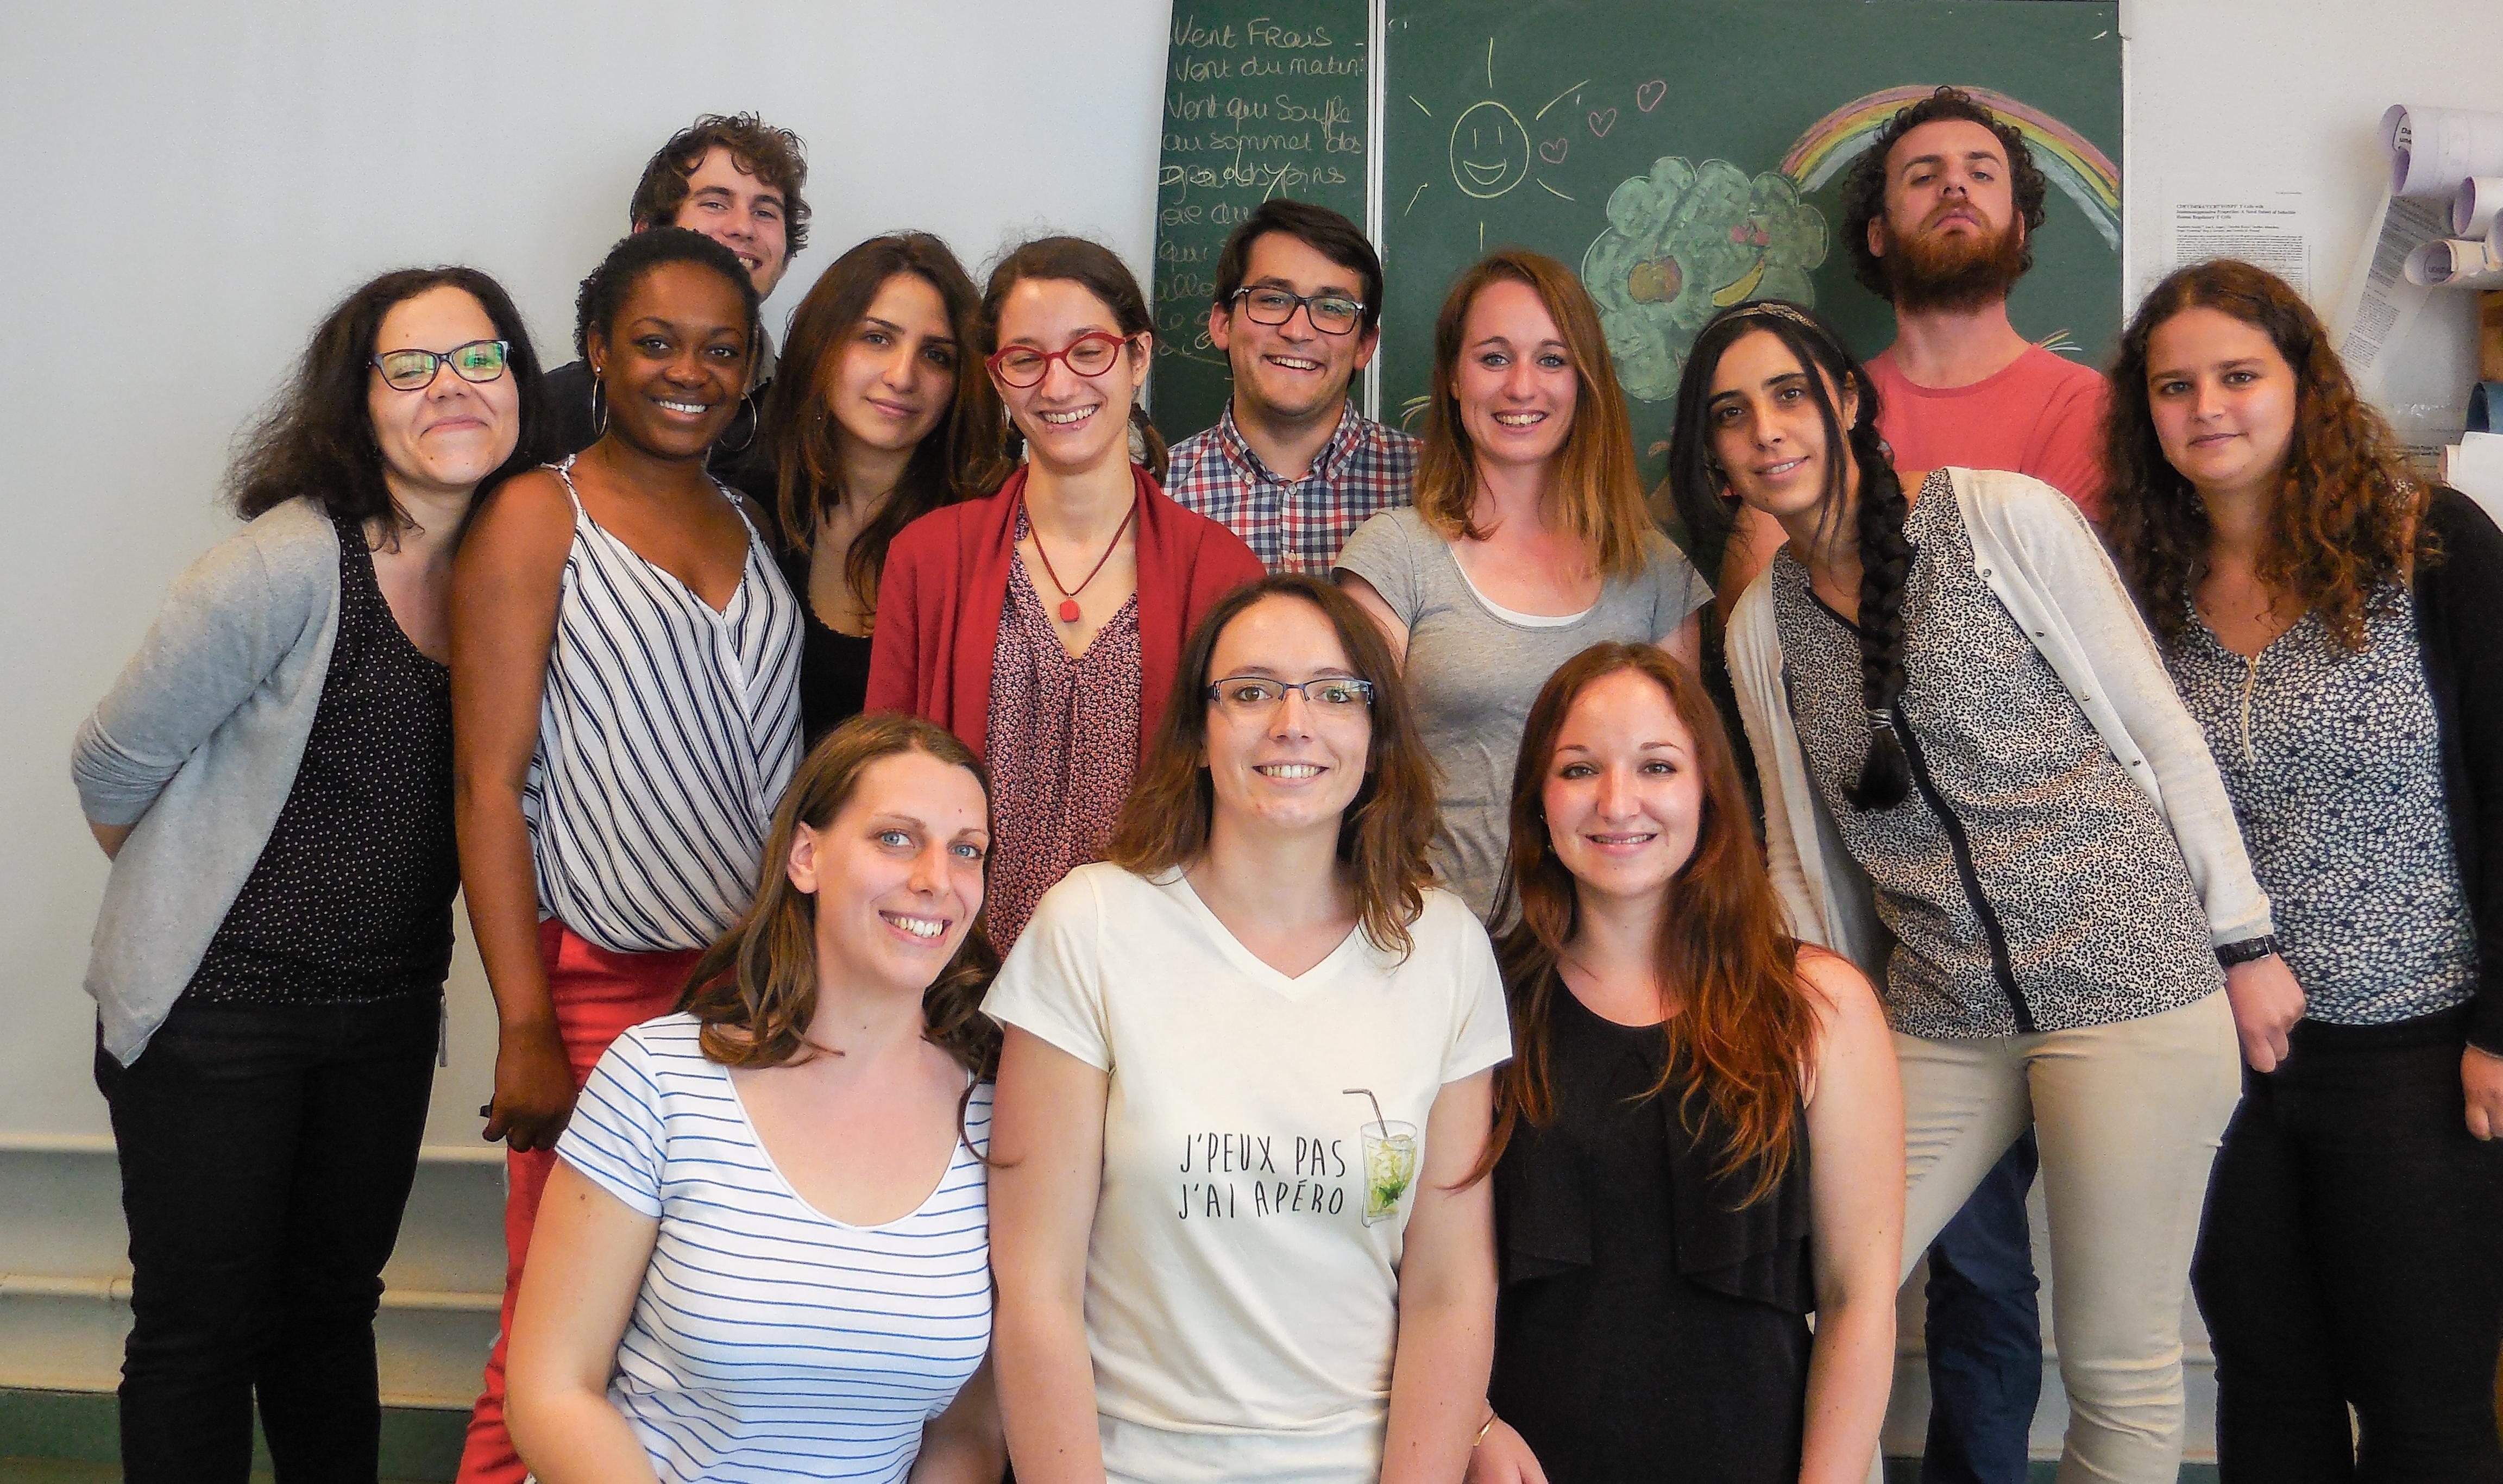 Les étudiants, secrétaire et tech de l'équipe, fin juin 2016.